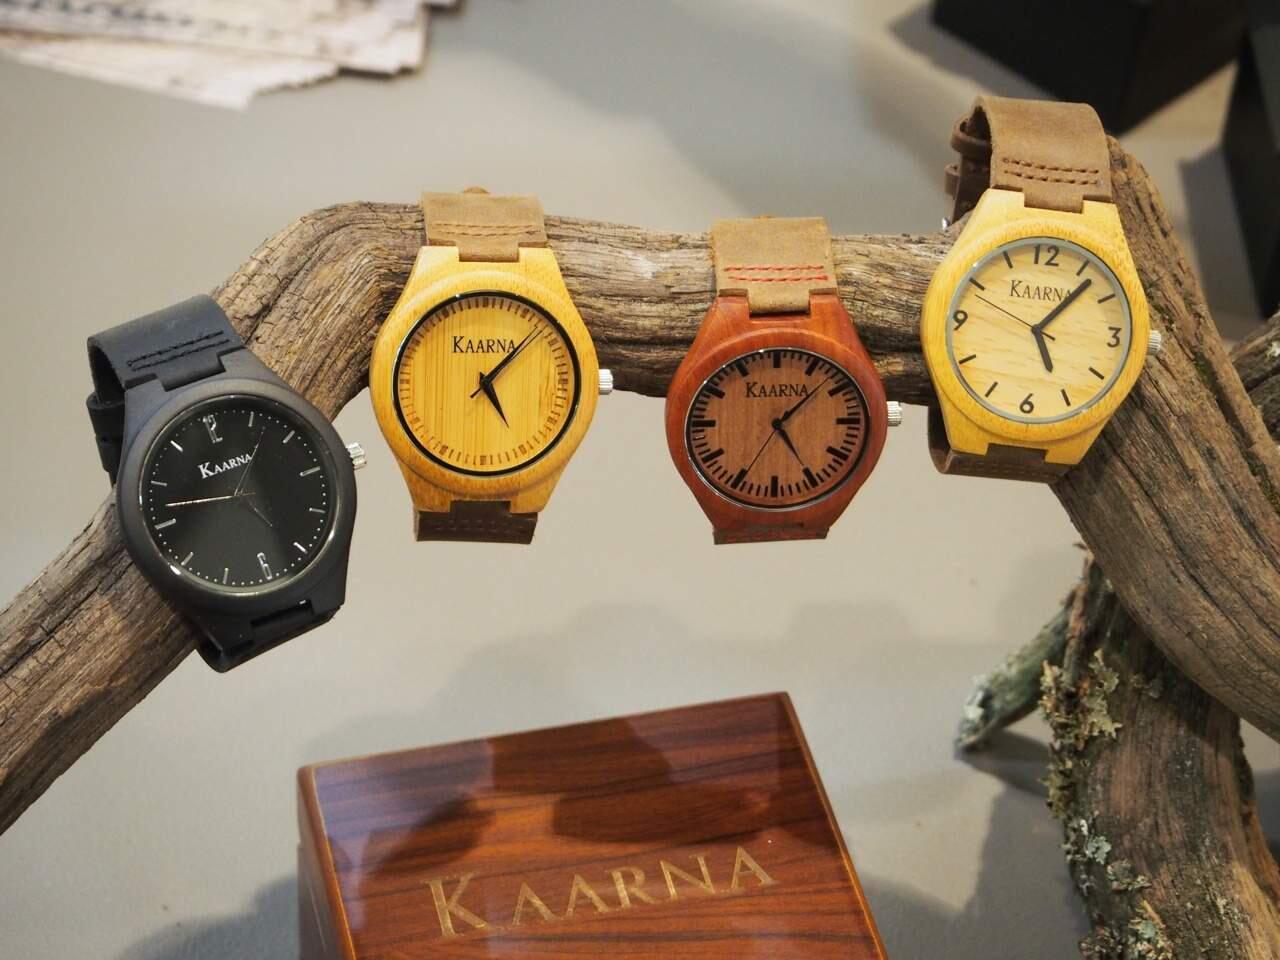 Luonnonmateriaalit ovat Kaarnan puisten kellojen keveyden salaisuus